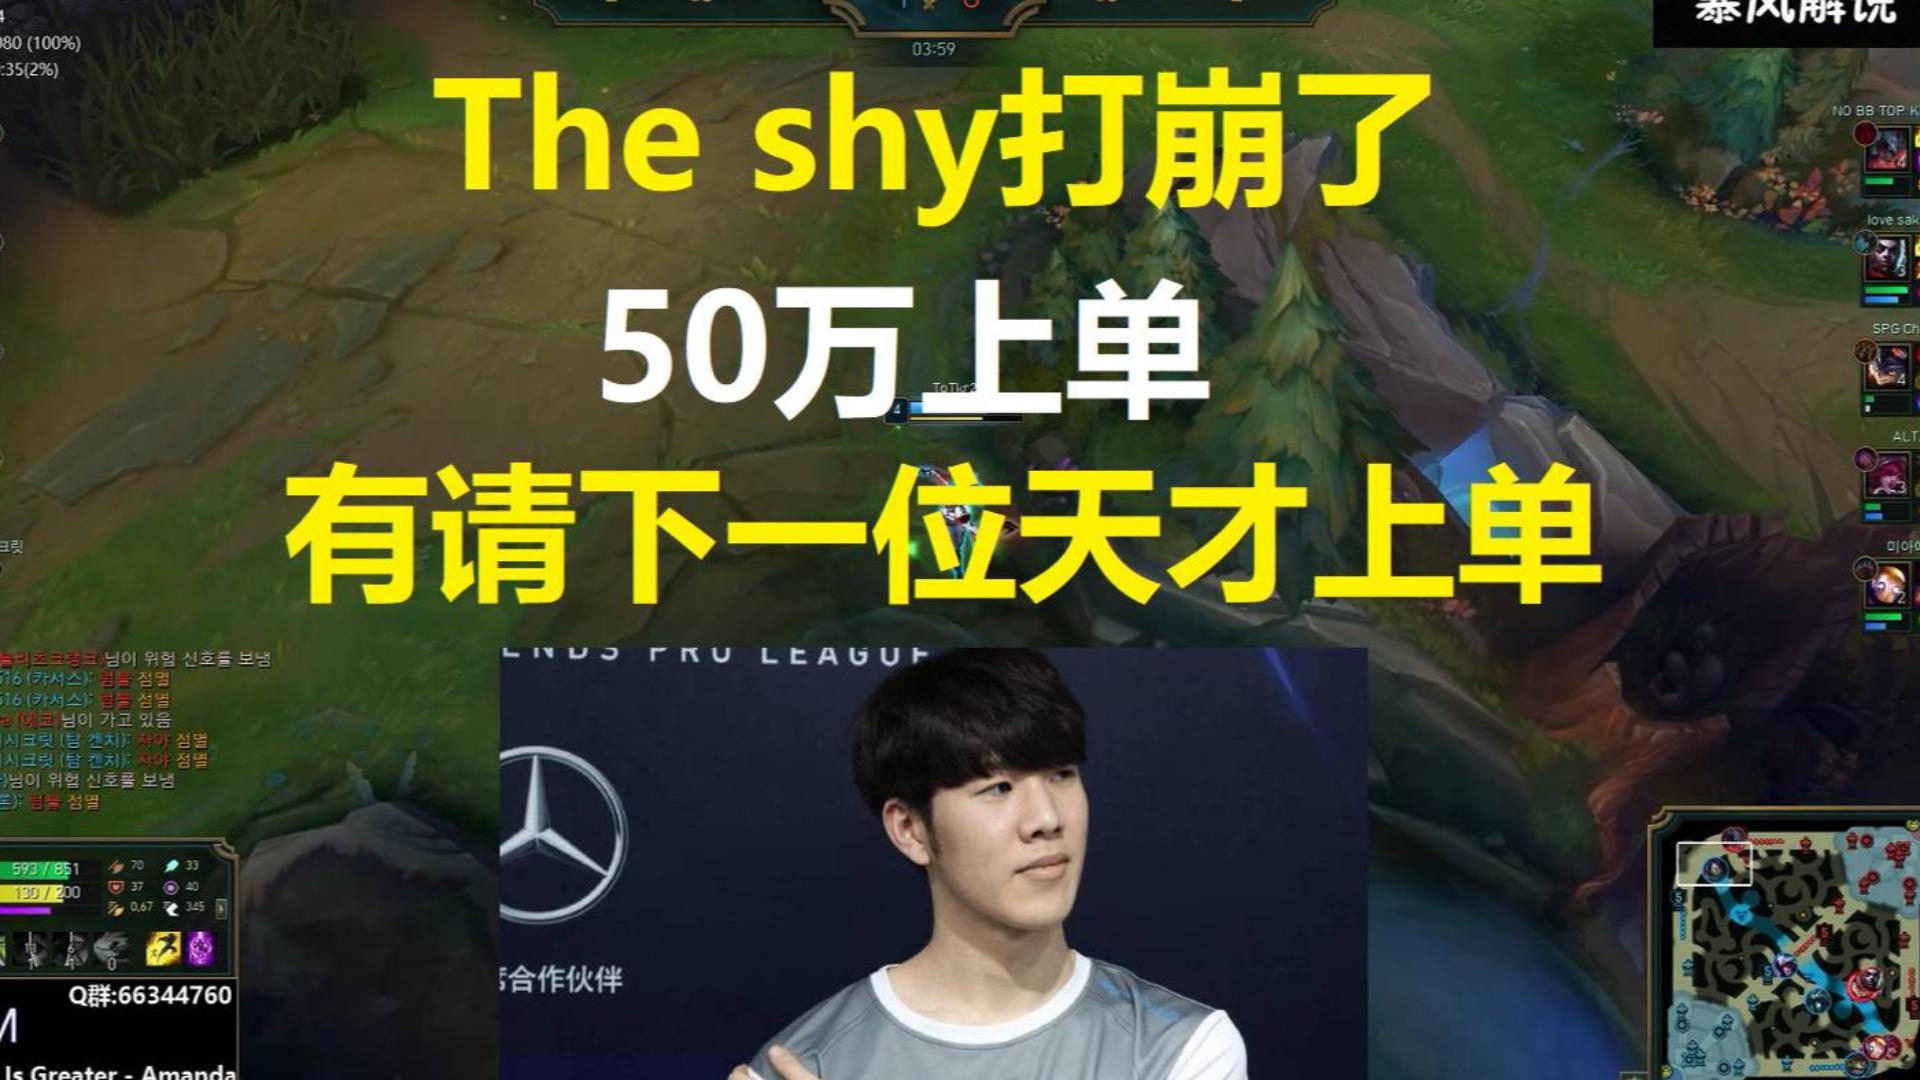 The shy阿卡丽打崩了50万上单,有请下一位天才上单!